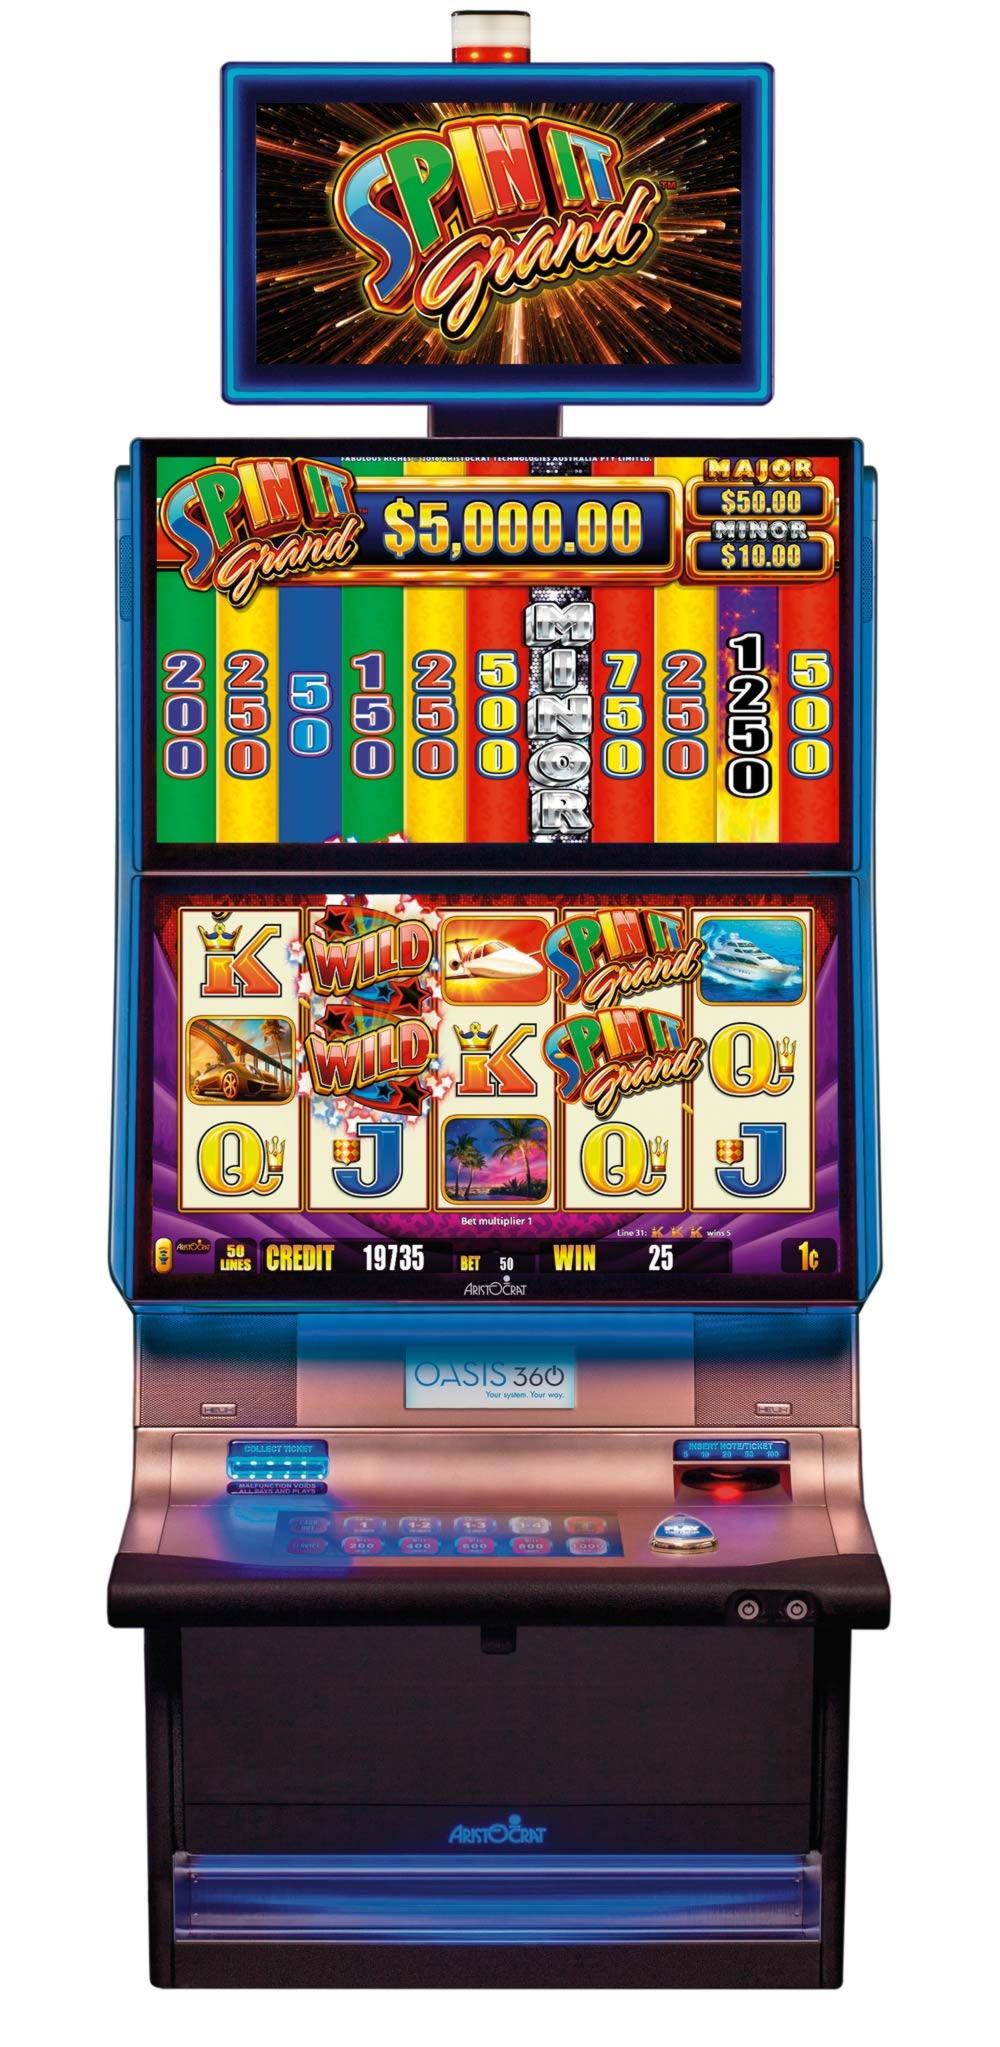 EUR 435 Online Casino Tournament at Big Cash Casino